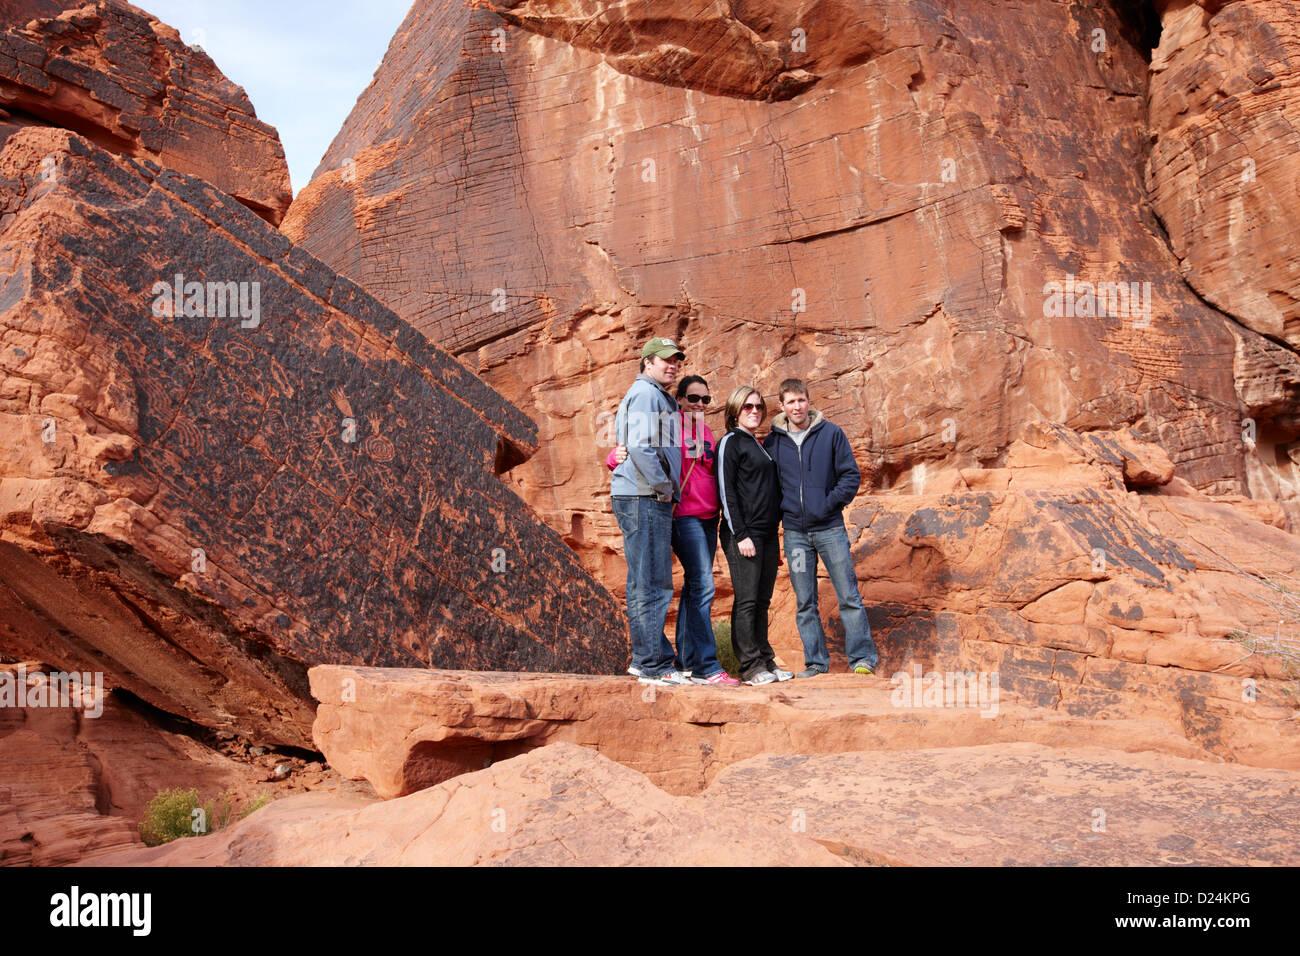 Touristen posieren vor Petroglyphen auf Atlatl großen Felsen Tal des Feuers Staatspark Nevada, usa Stockfoto